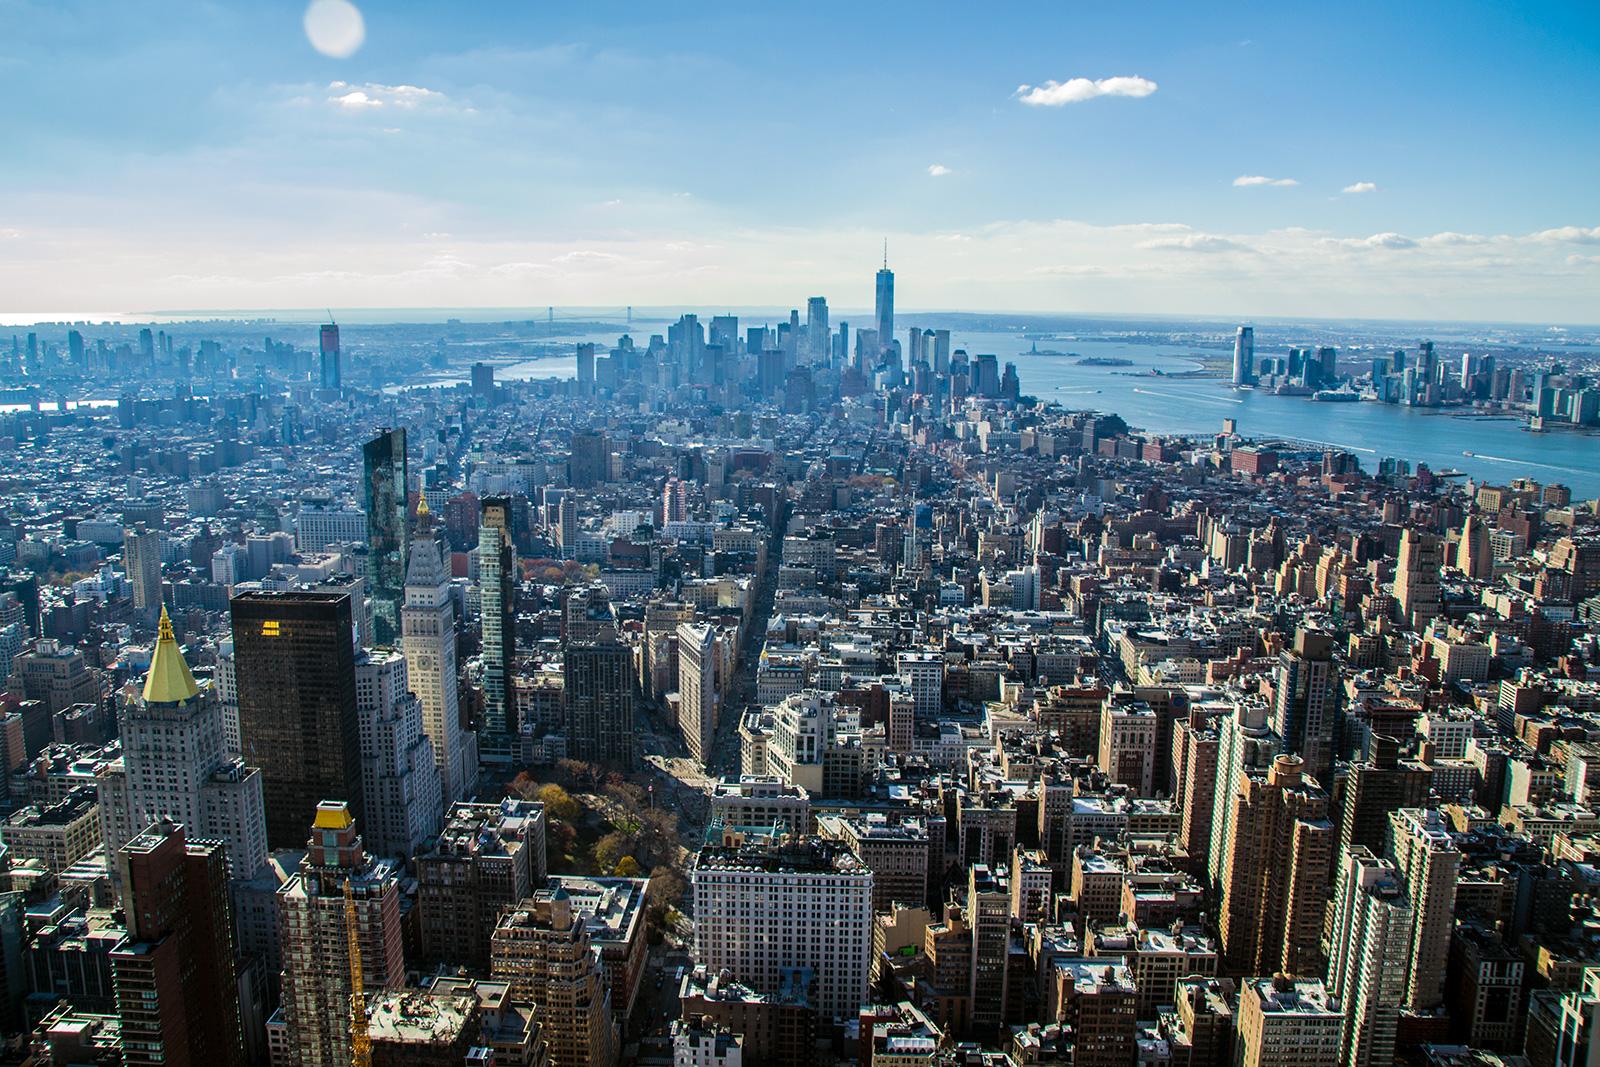 Vistas de Manhattan desde el Empire State Building - Mejores vistas de Nueva York